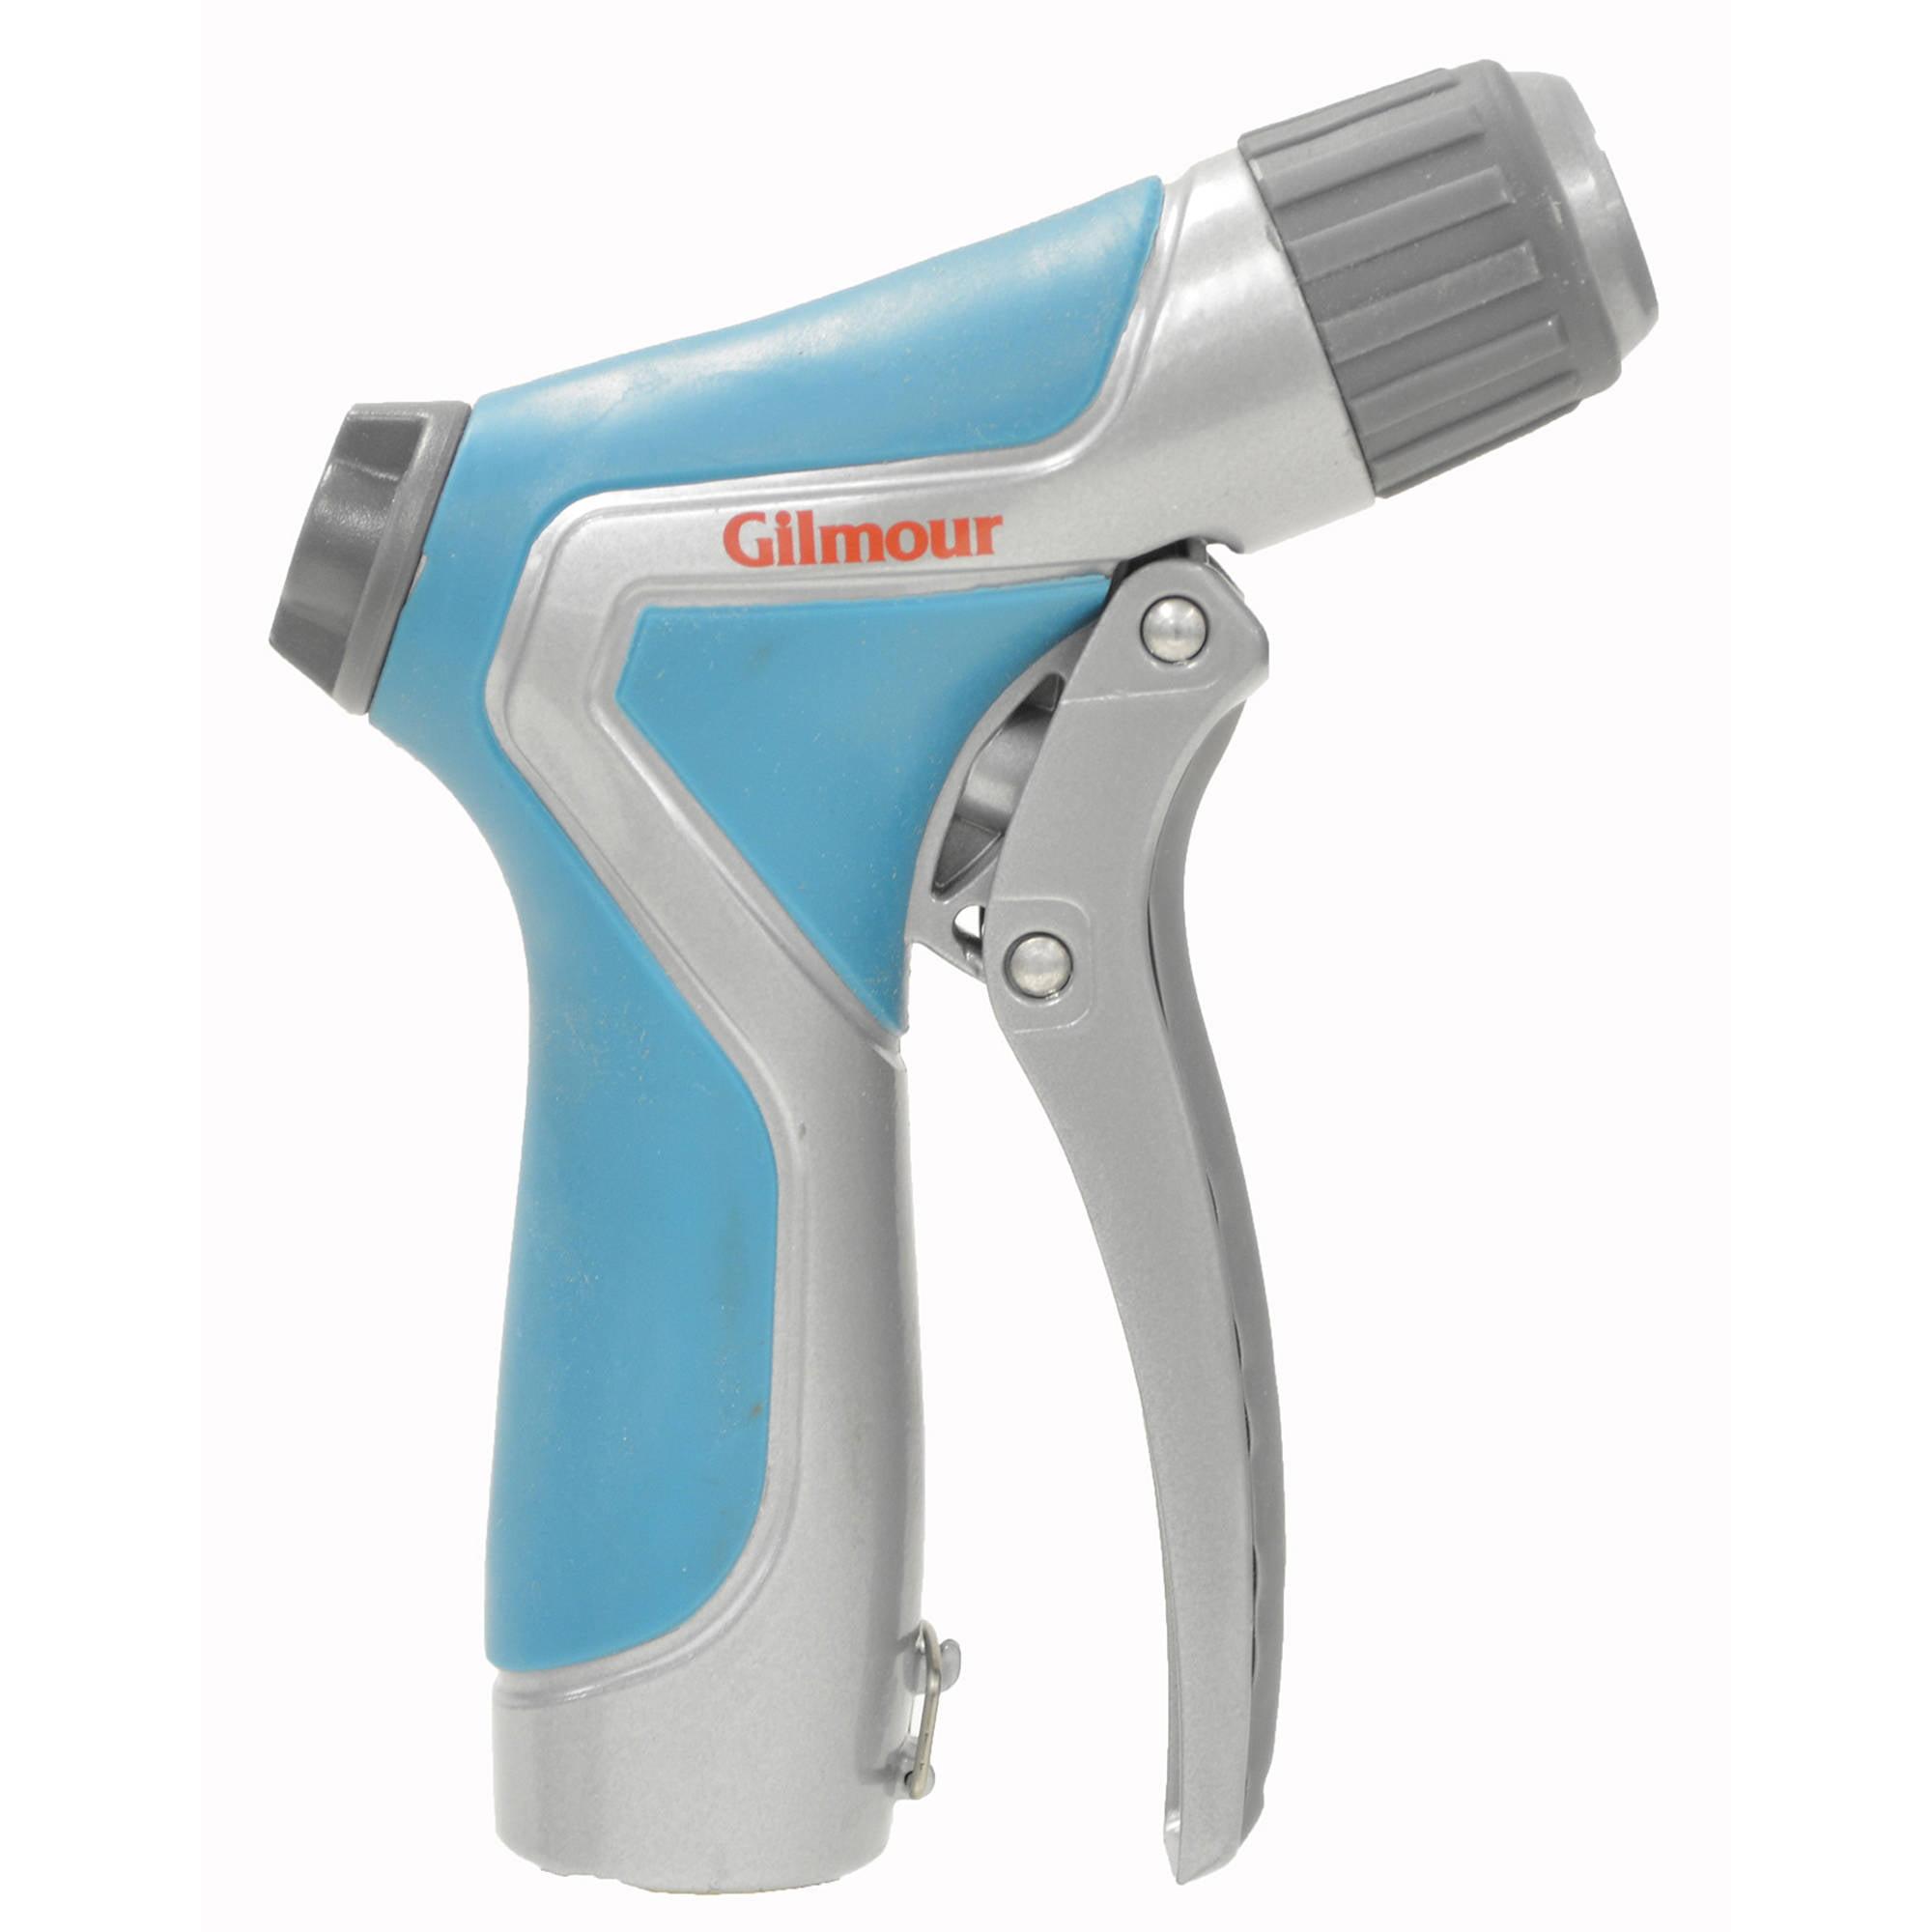 Gilmour 300GCF Adjustable Trigger Nozzle